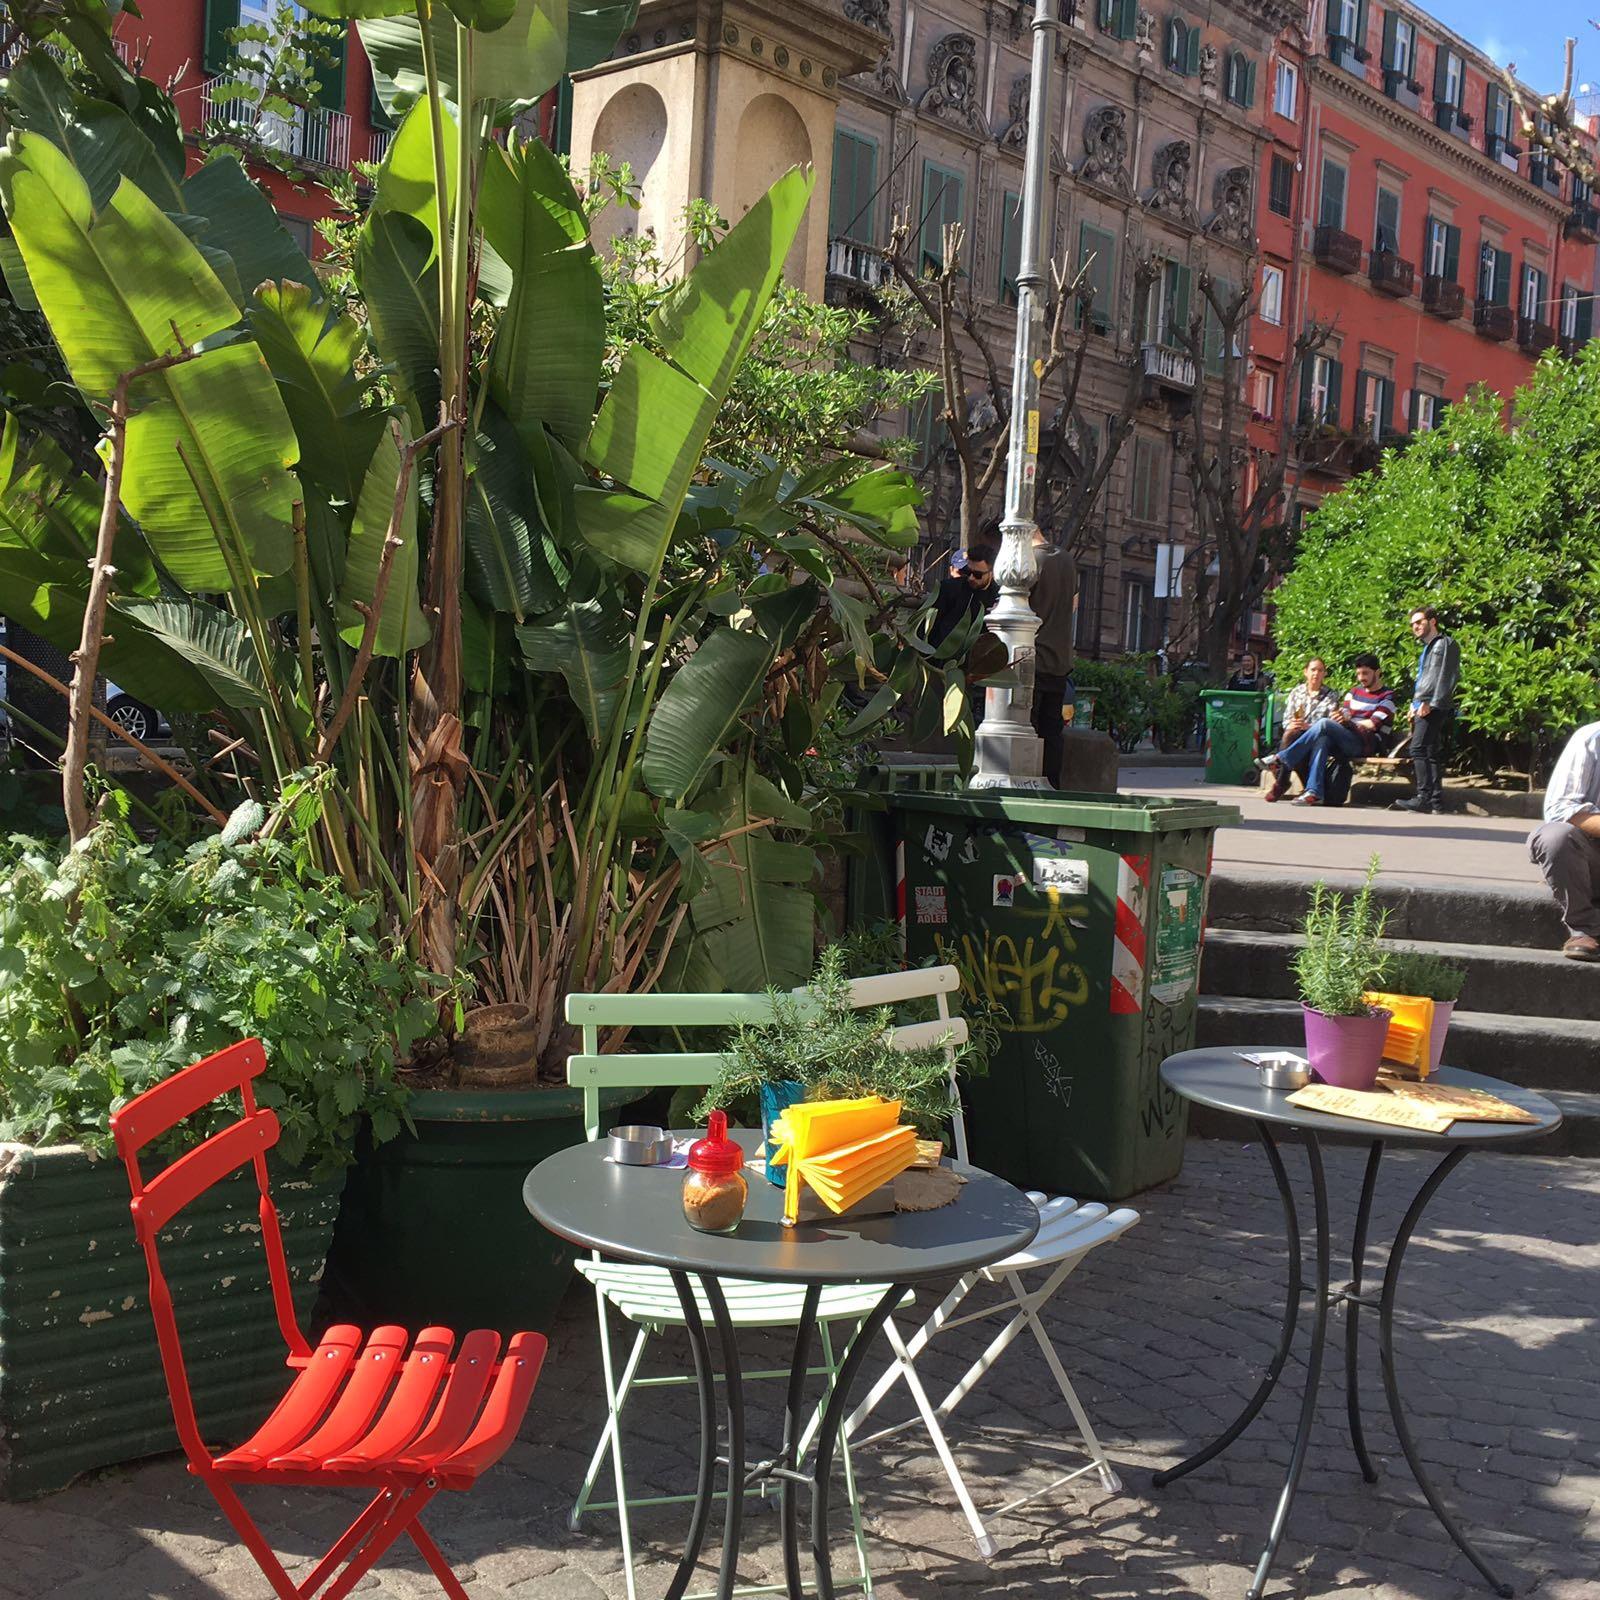 Neapel und Apulien   eine lohnenswerte Kombination staedtereisen sonne reisebericht new italien  tui berlin reisebüro Italien Strassencafé Neapel